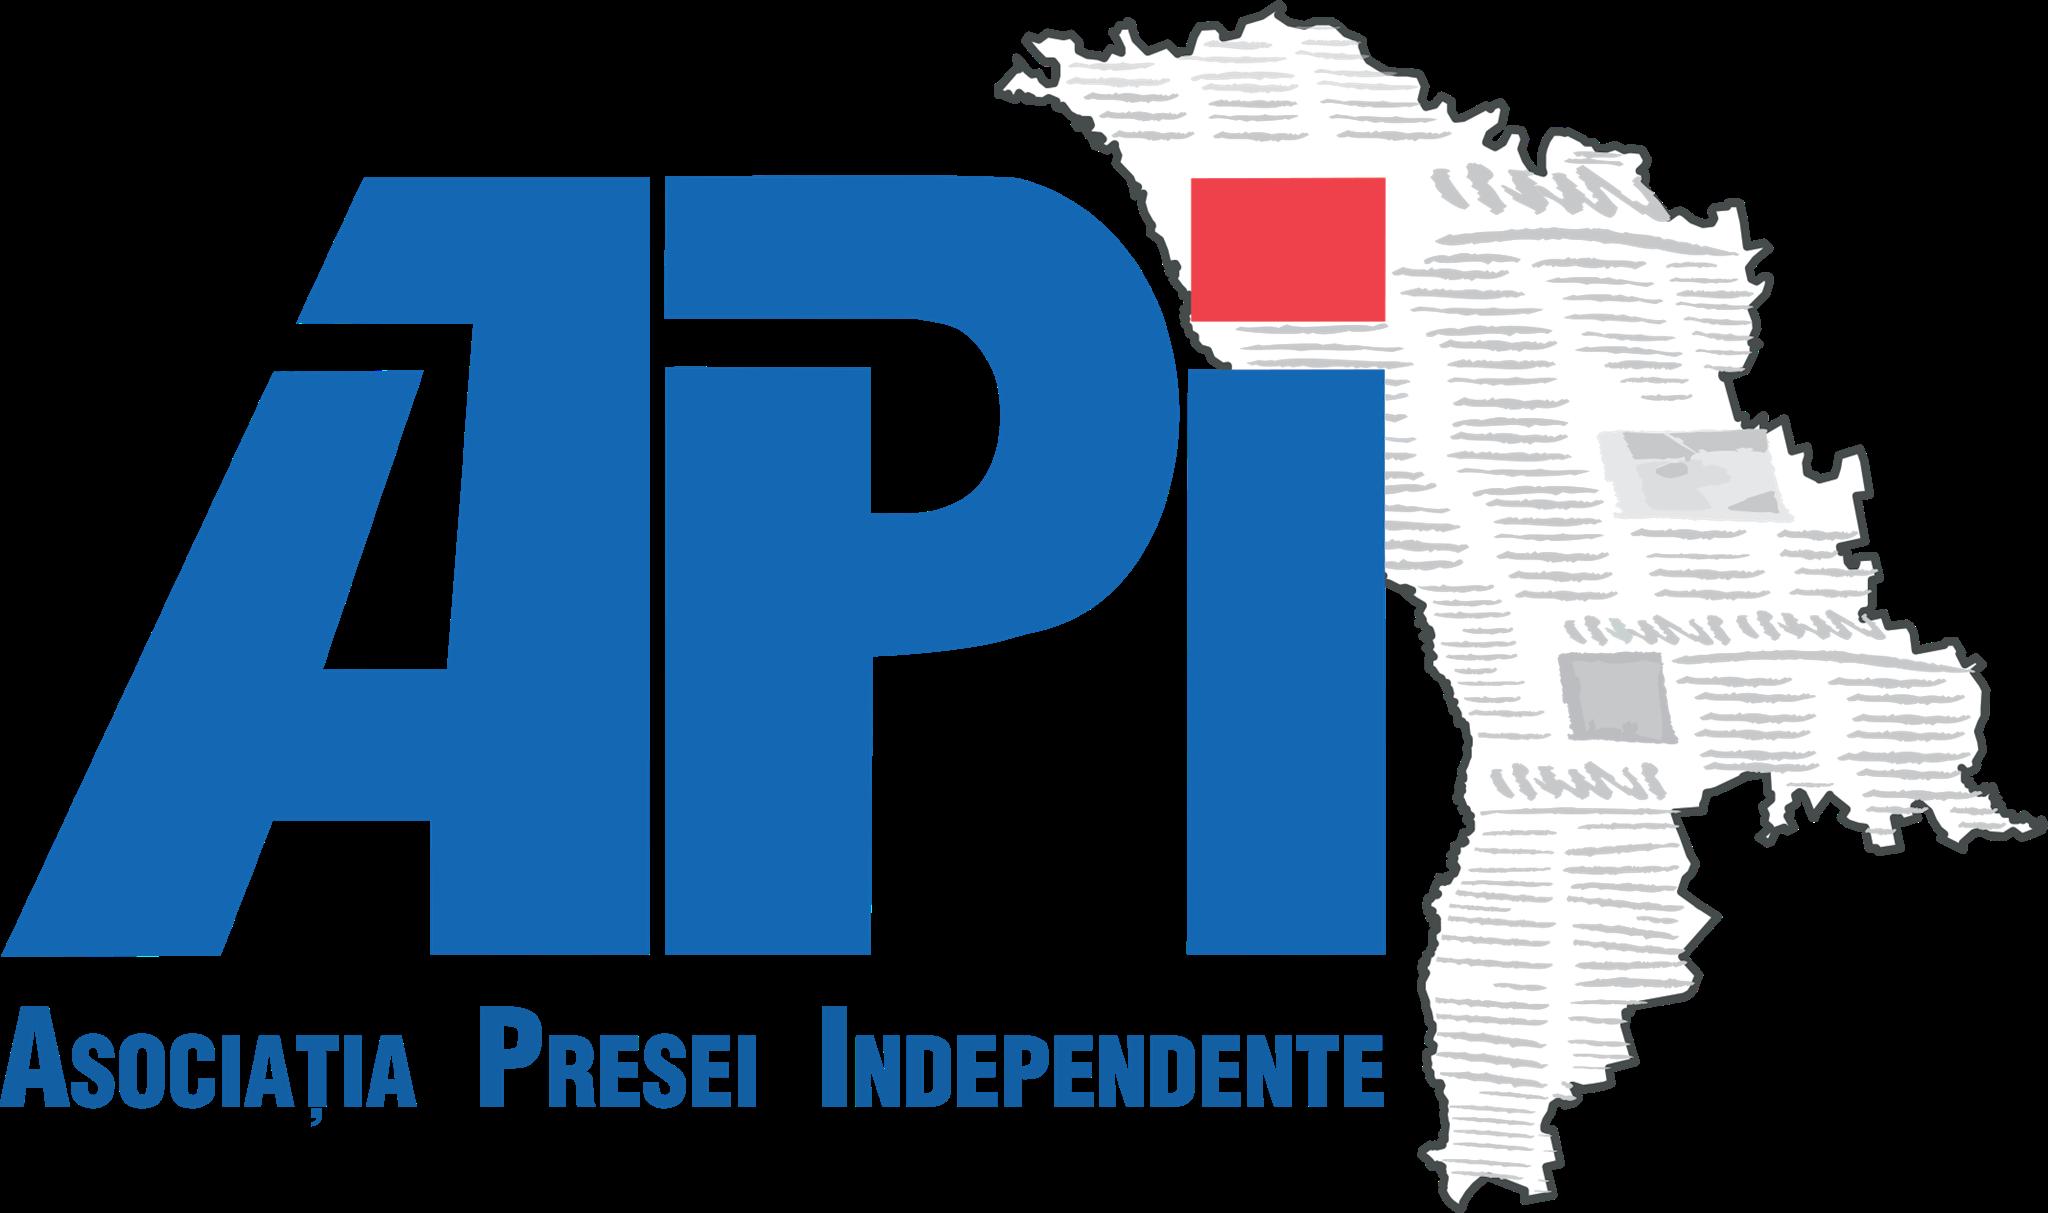 Asociatia Presei Independente